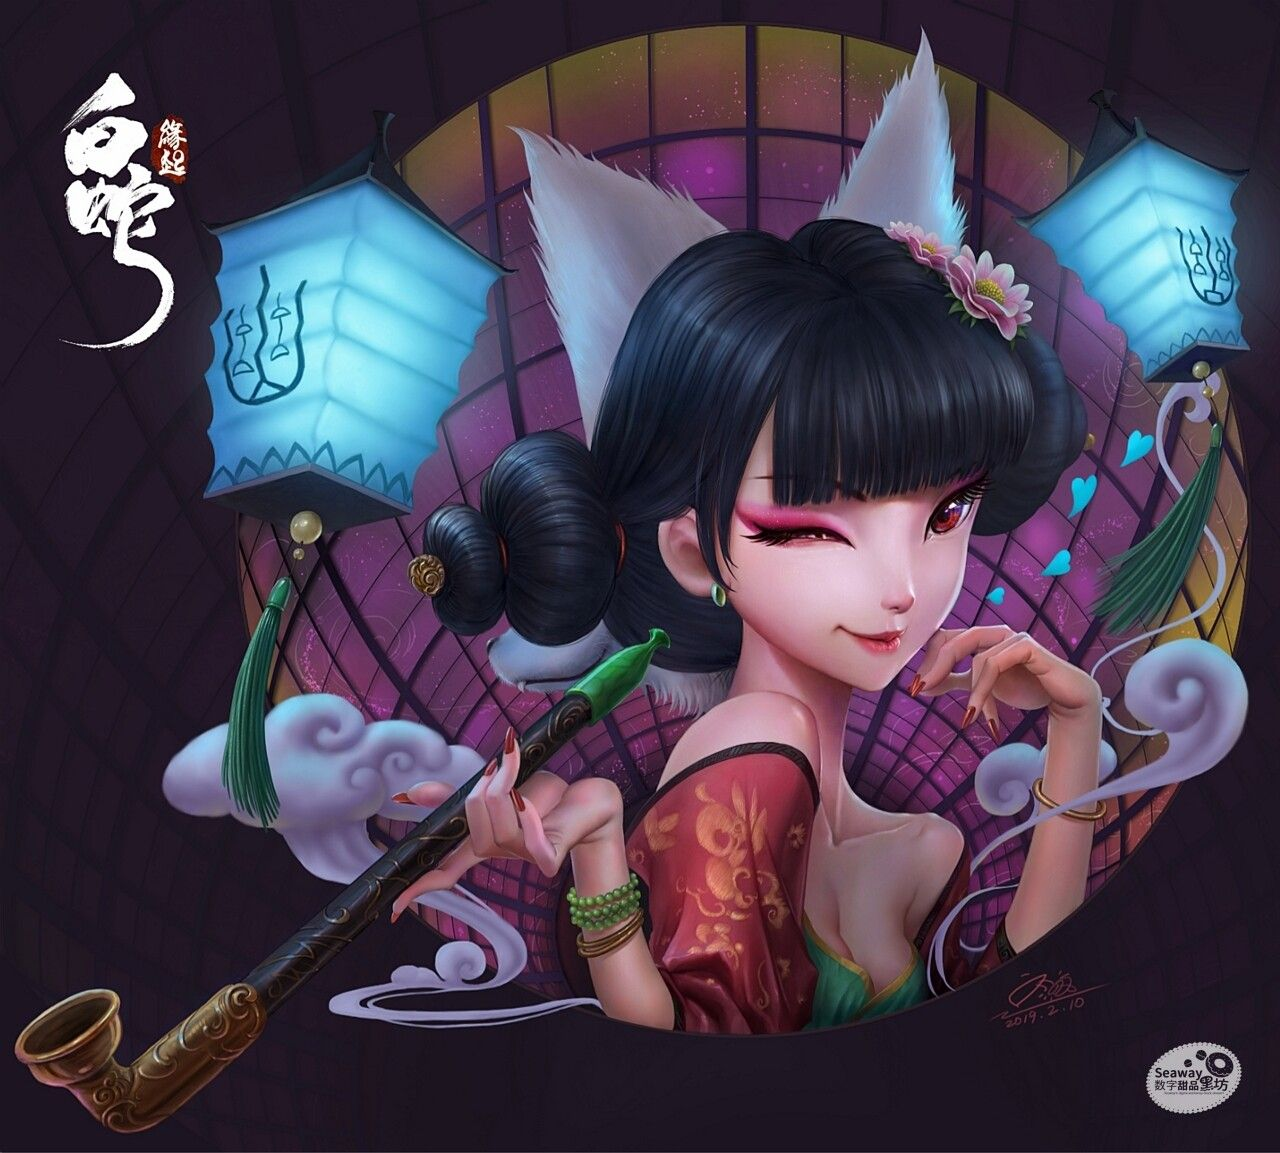 白蛇 缘起 同人插画 宝青坊主 双面狐妖 更新绘画视频 Seaway Liu On Artstation At Https Www Artstation Com Artwork O Chinese Art Girl Dungeons And Dragons Characters Snake Wallpaper